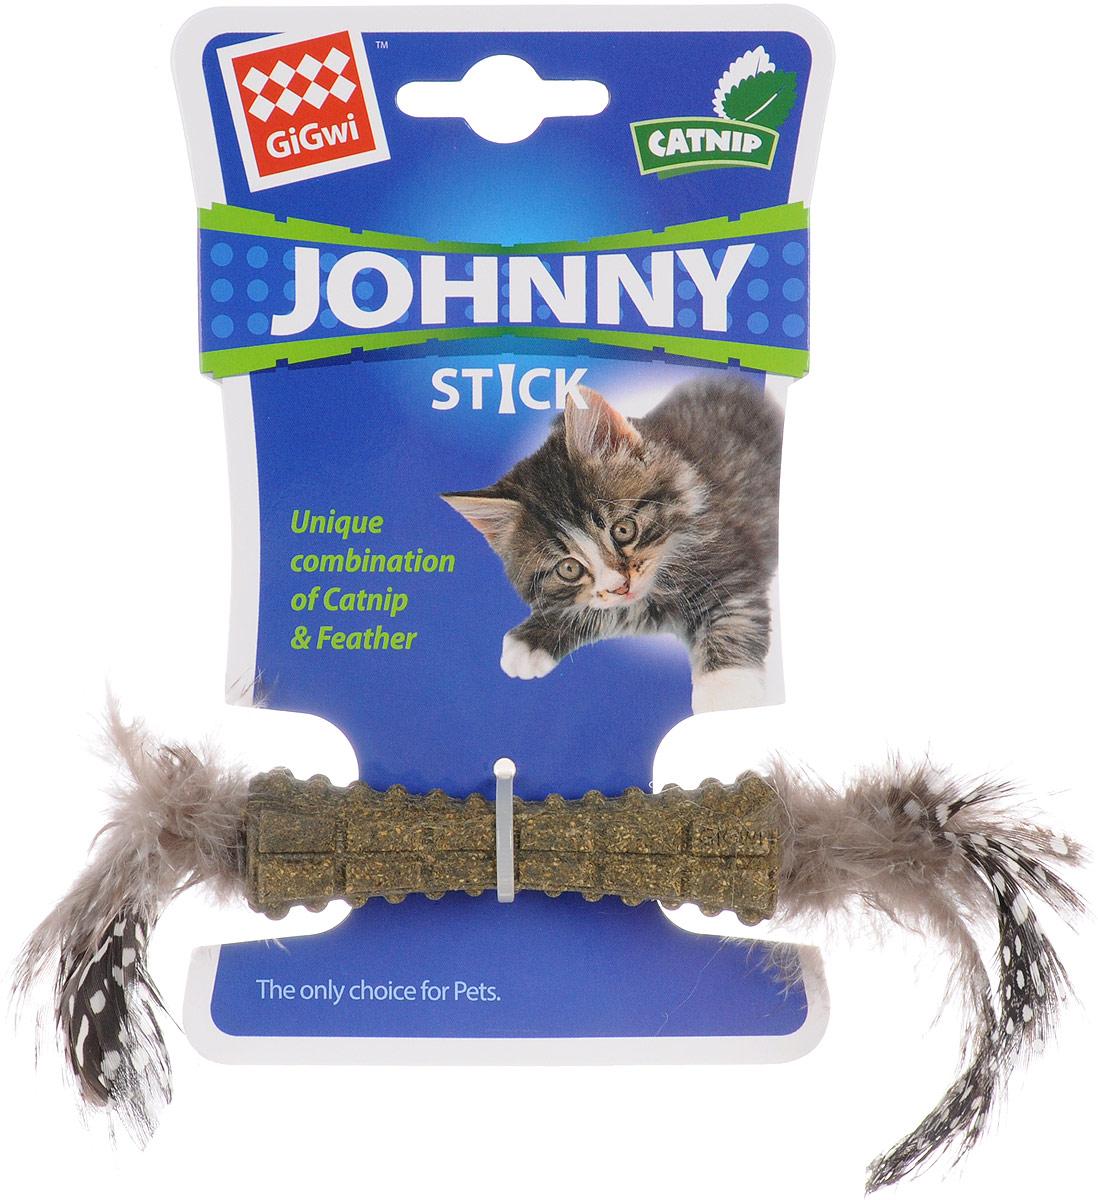 Игрушка для кошек GiGwi Johnny Stick, с кошачьей мятой, длина 26 см5638406Игрушка для кошек GiGwi Johnny Stick изготовлена из спрессованной кошачьей мяты и украшена перьями. Играя с этой забавной игрушкой, маленькие котята развиваются физически, а взрослые кошки и коты поддерживают свой мышечный тонус.Кошачья мята - растение, запах которого делает кошку более игривой и любопытной. С помощью этого средства кошка легче перенесет путешествие на автомобиле, посещение ветеринарного врача, переезд на новую квартиру.Размеры игрушки: 26 х 3 х 3 см.